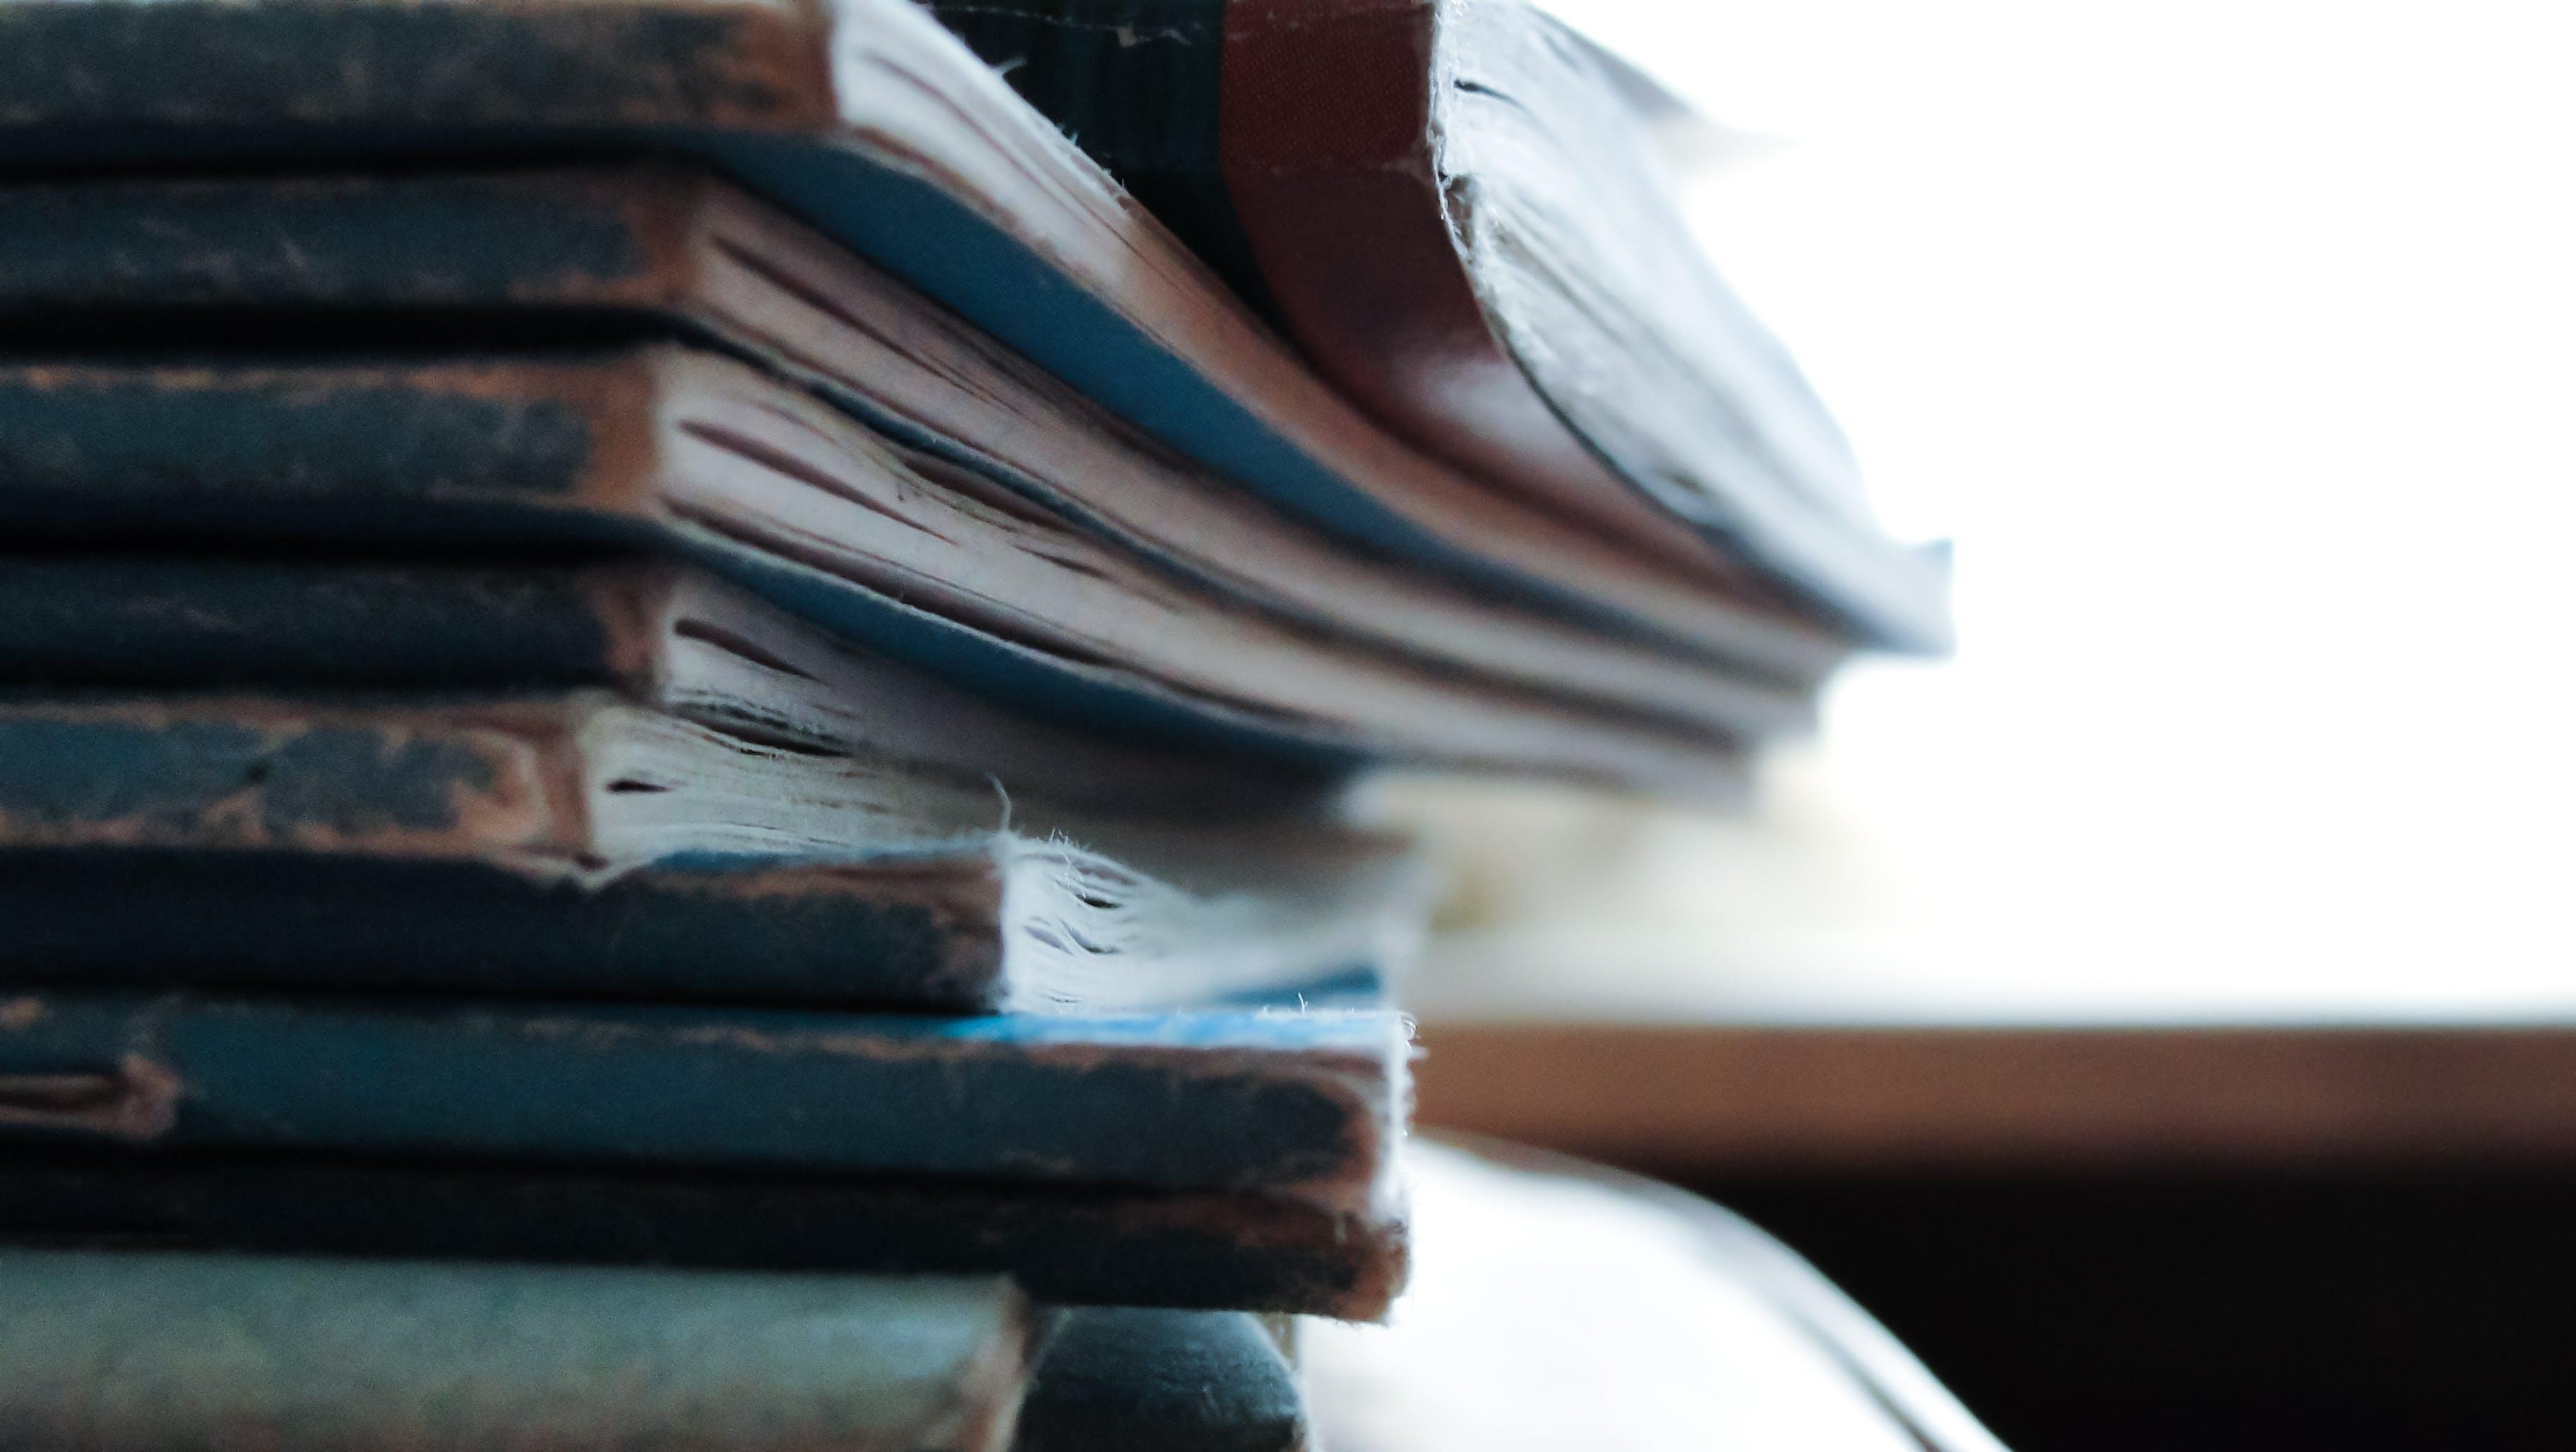 Kostenloses Stock Foto zu bücher, stapel, lesen, notebooks